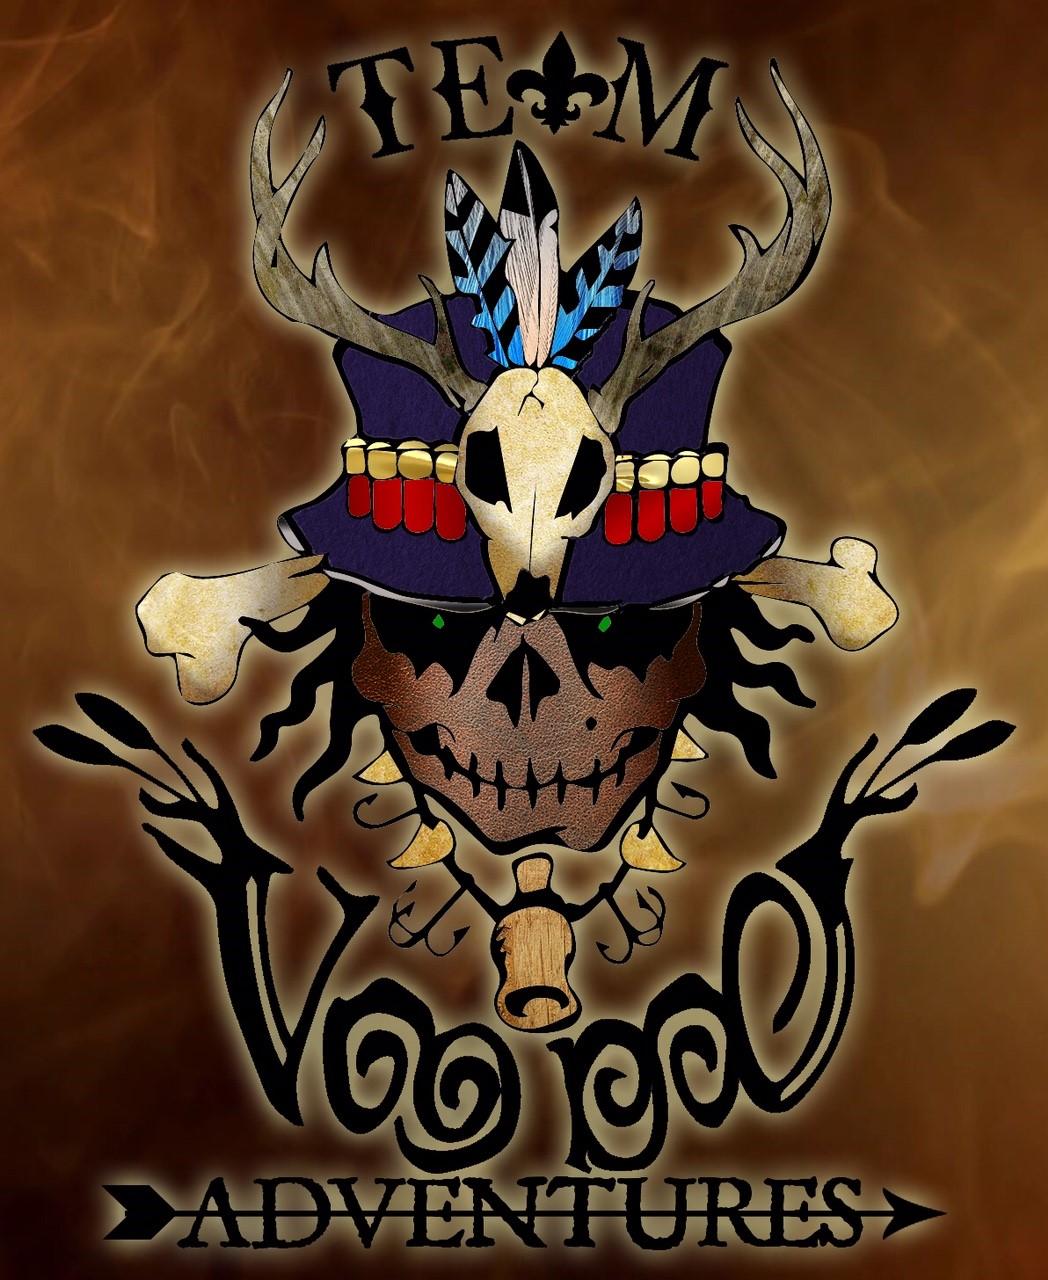 Team Voodoo Adventures